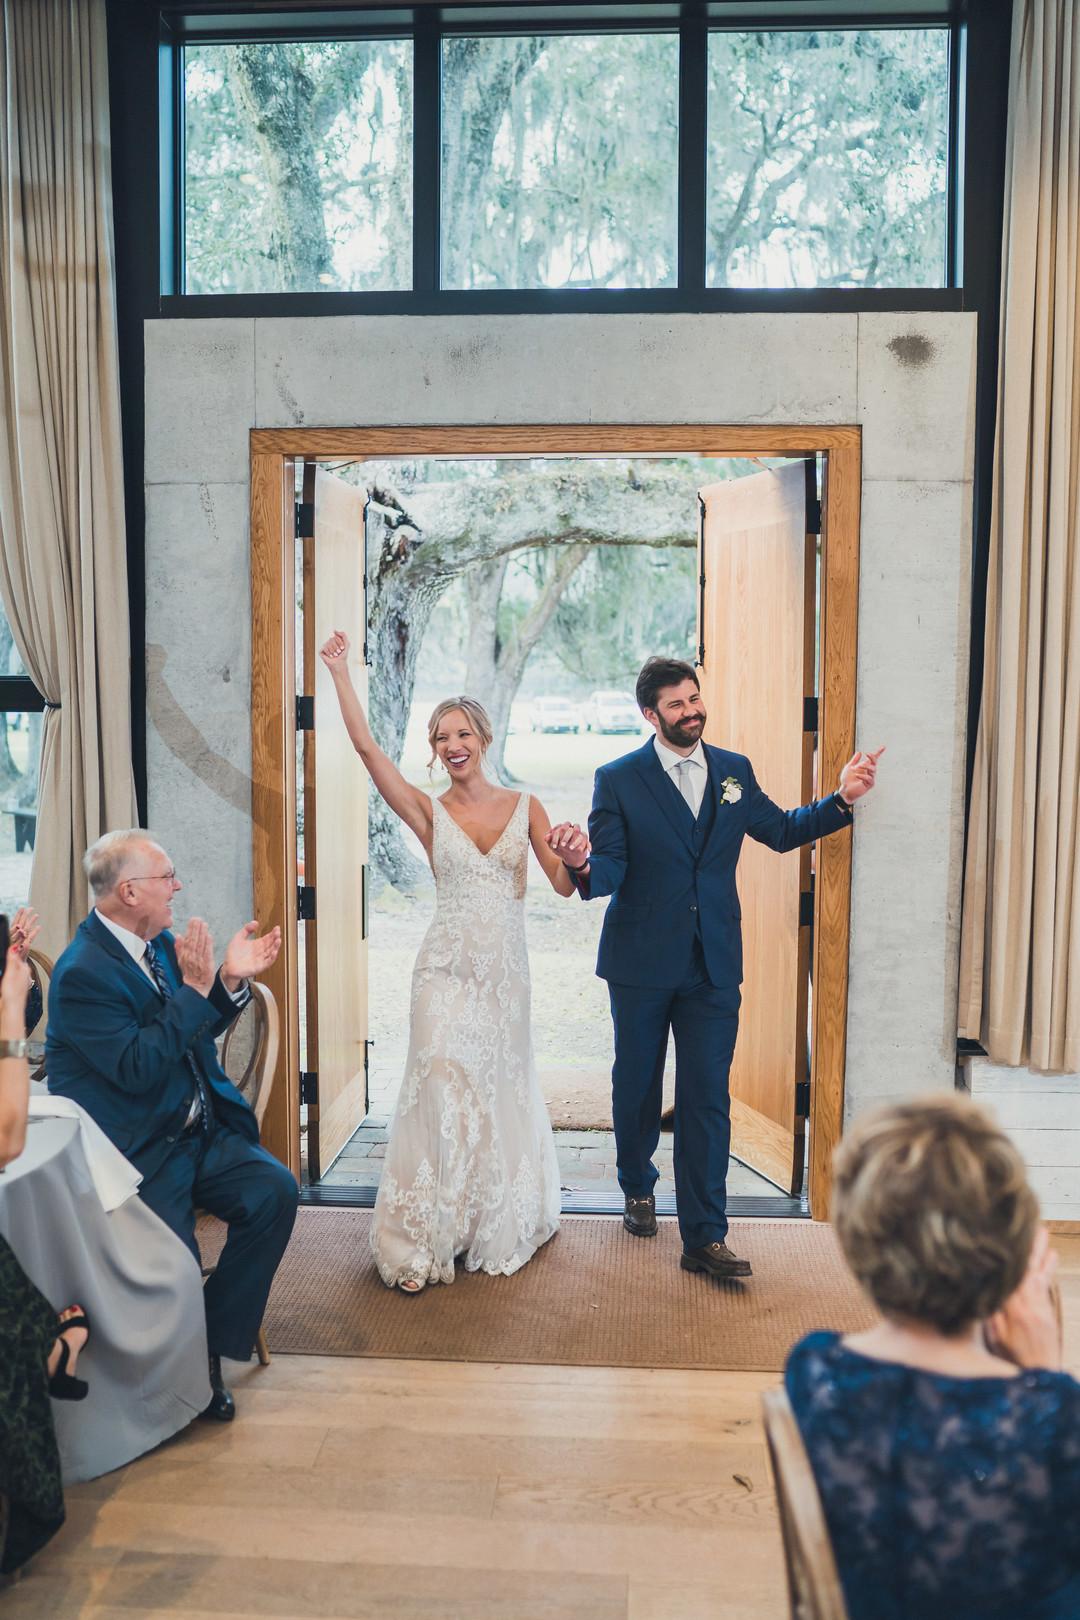 middleton-place-wedding-26.jpg